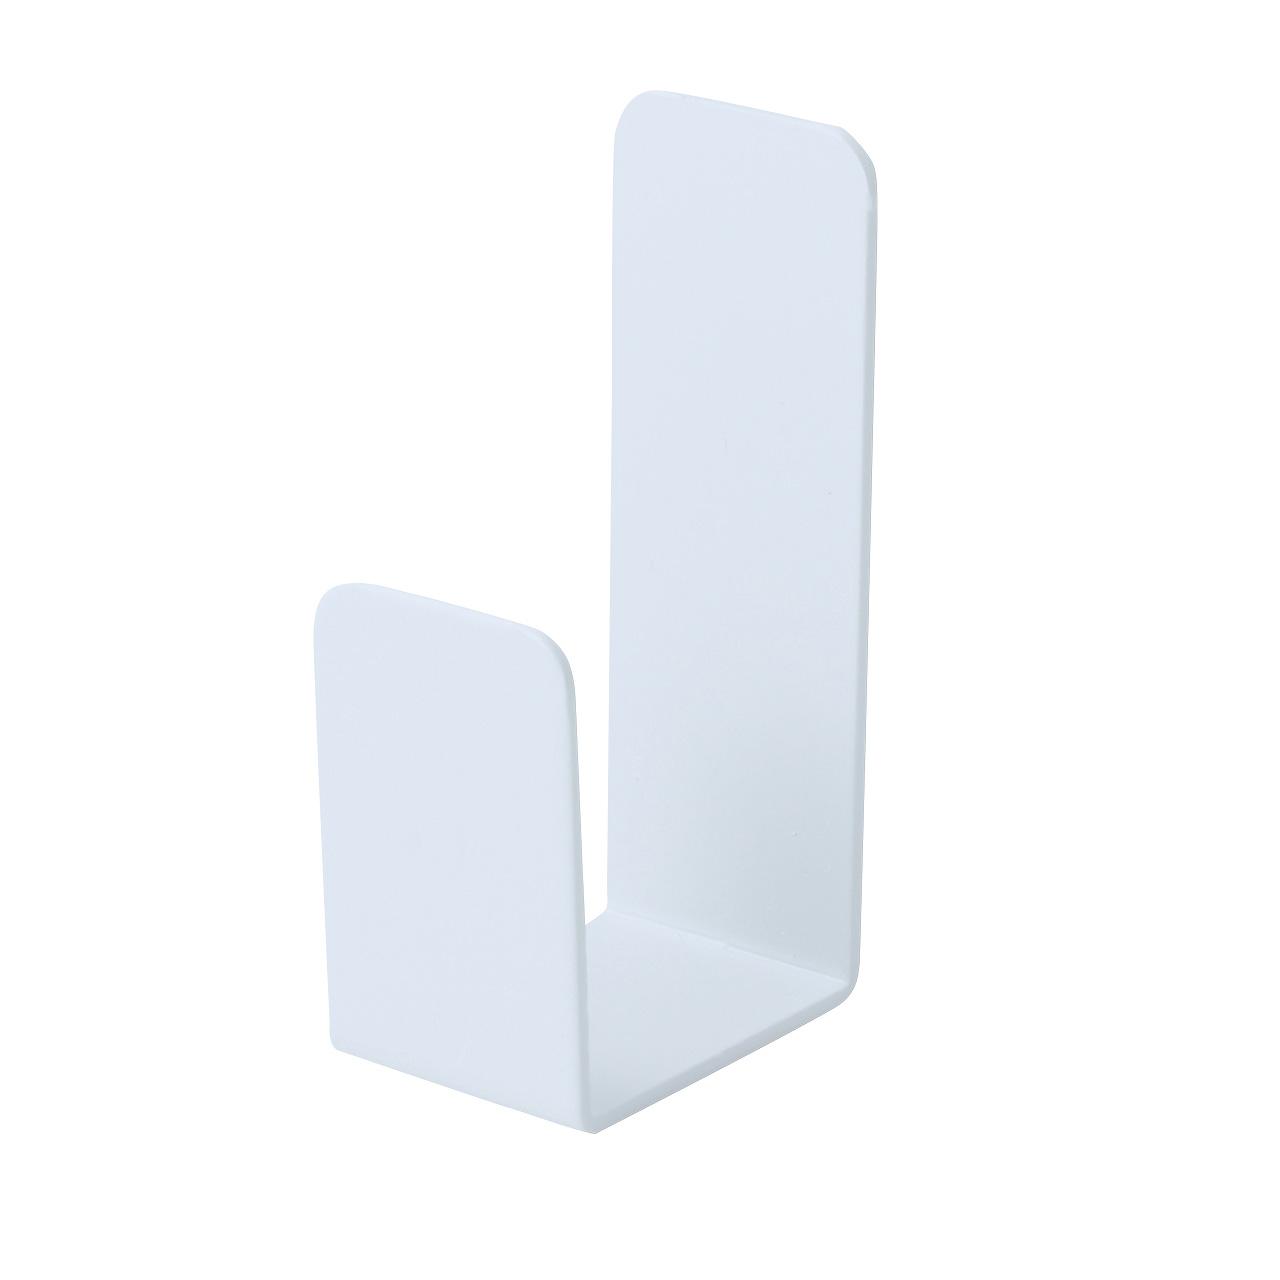 ケーブルフック(2個セット・ホワイト)商品画像